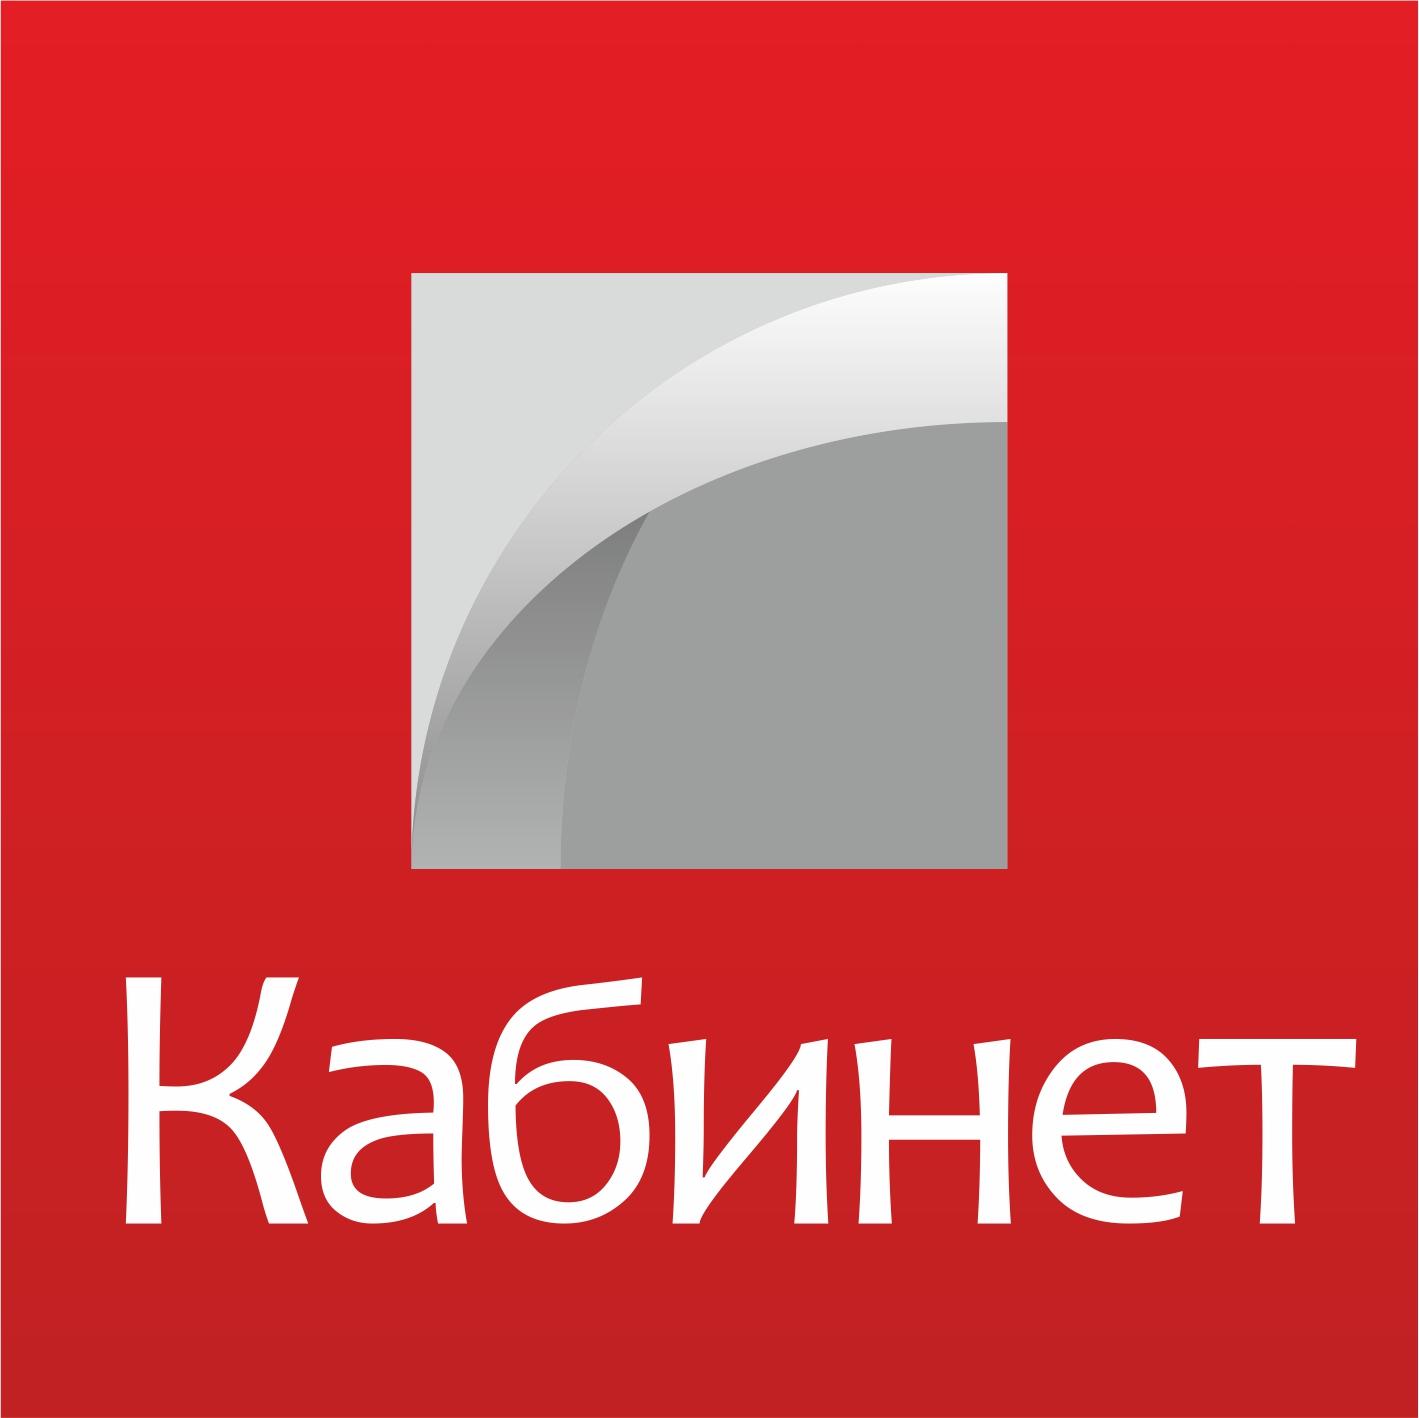 Кабинет, Общество с ограниченной ответственностью  логотип